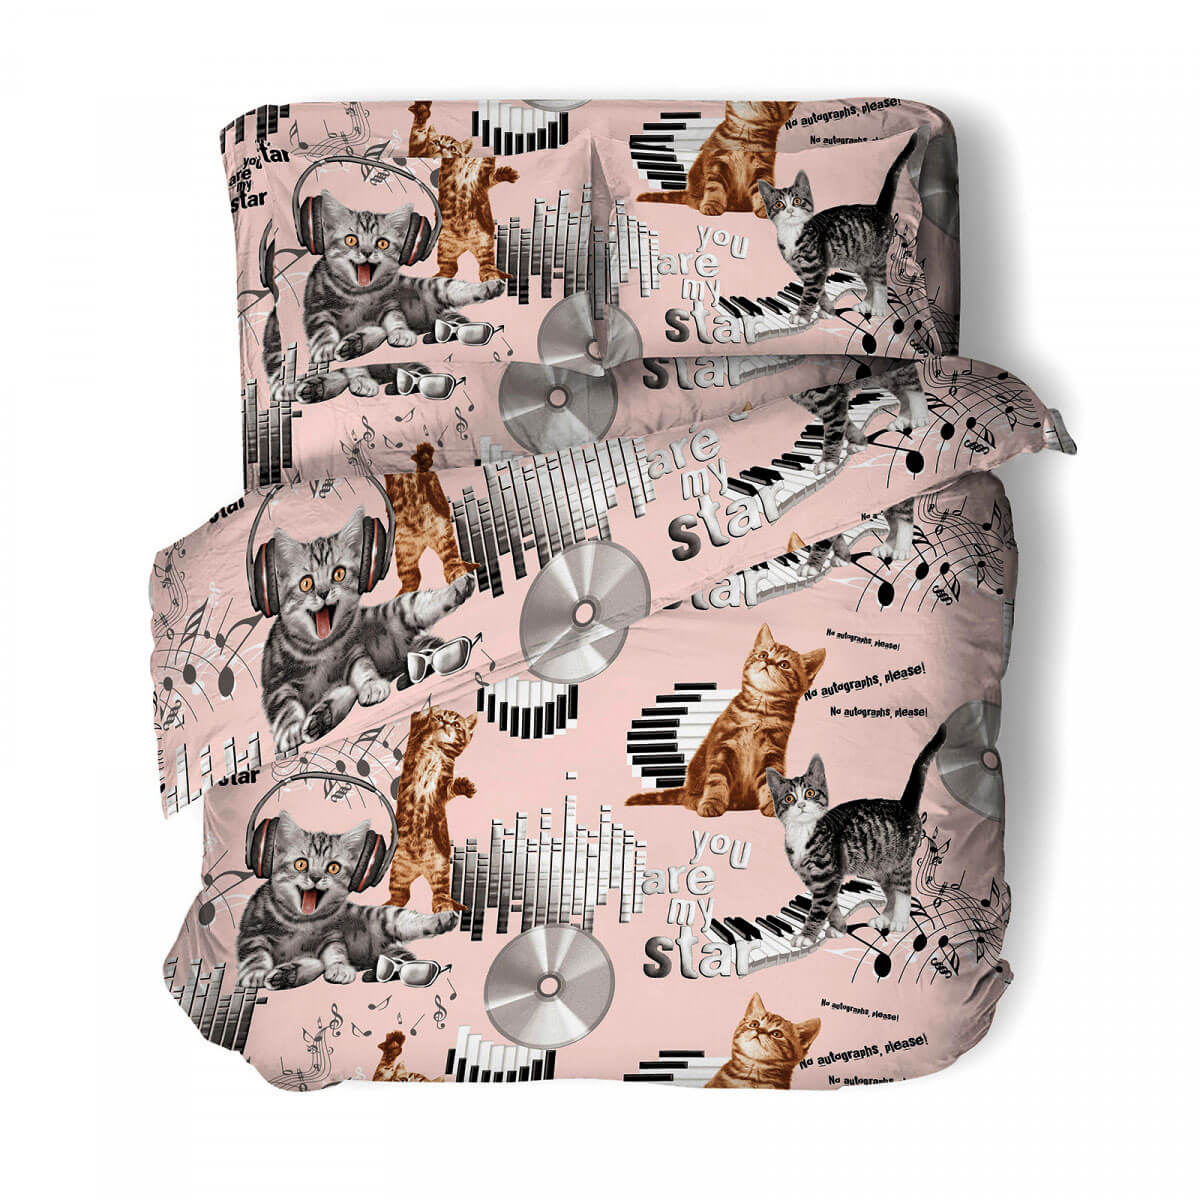 """Комплект постельного белья 1,5-спальный, бязь """"Комфорт"""", детская расцветка (Кот-диджей, розовый)"""